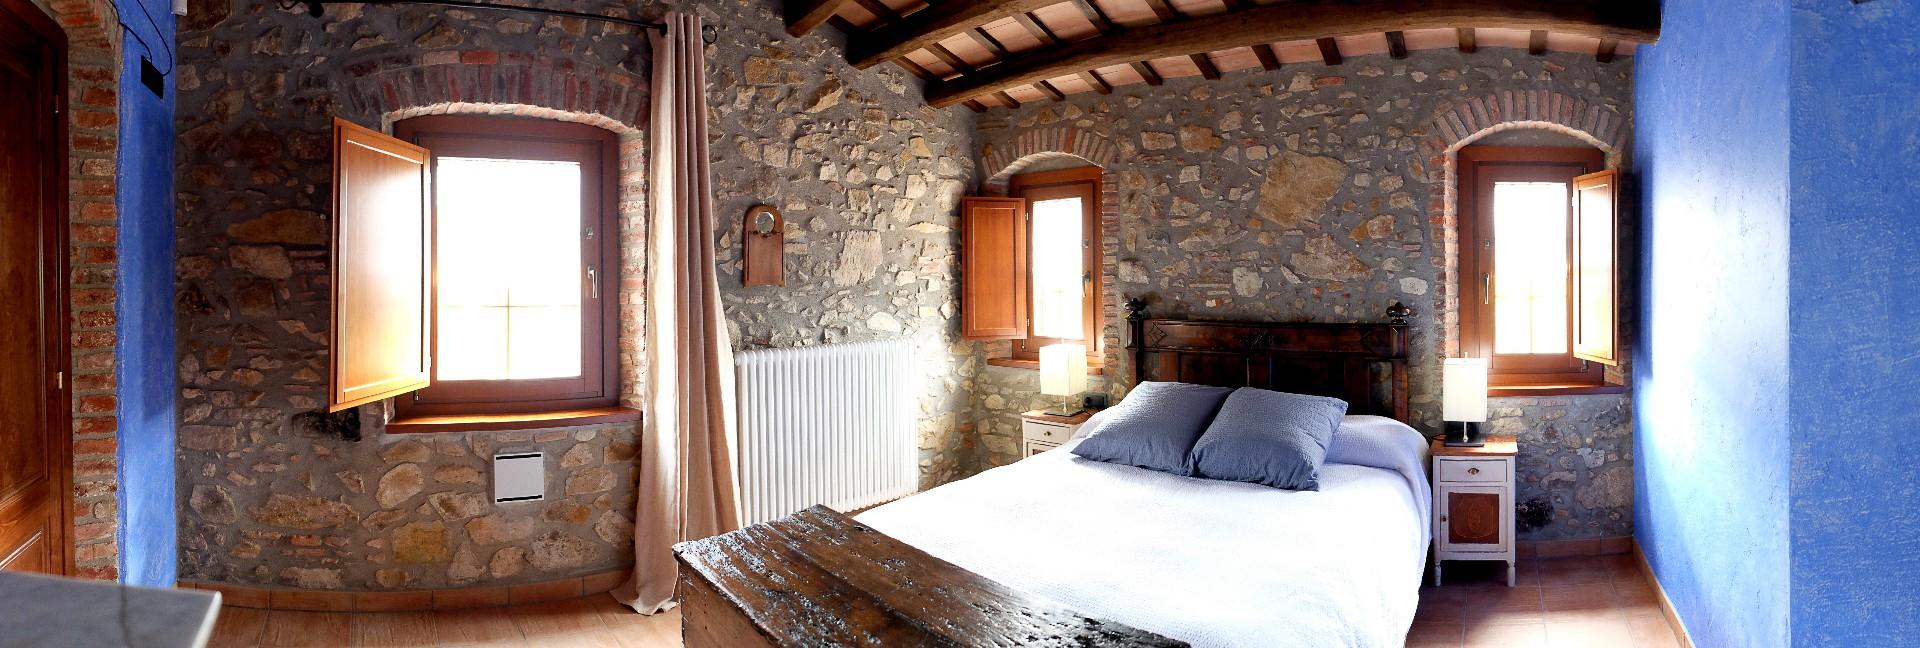 habitació la nit